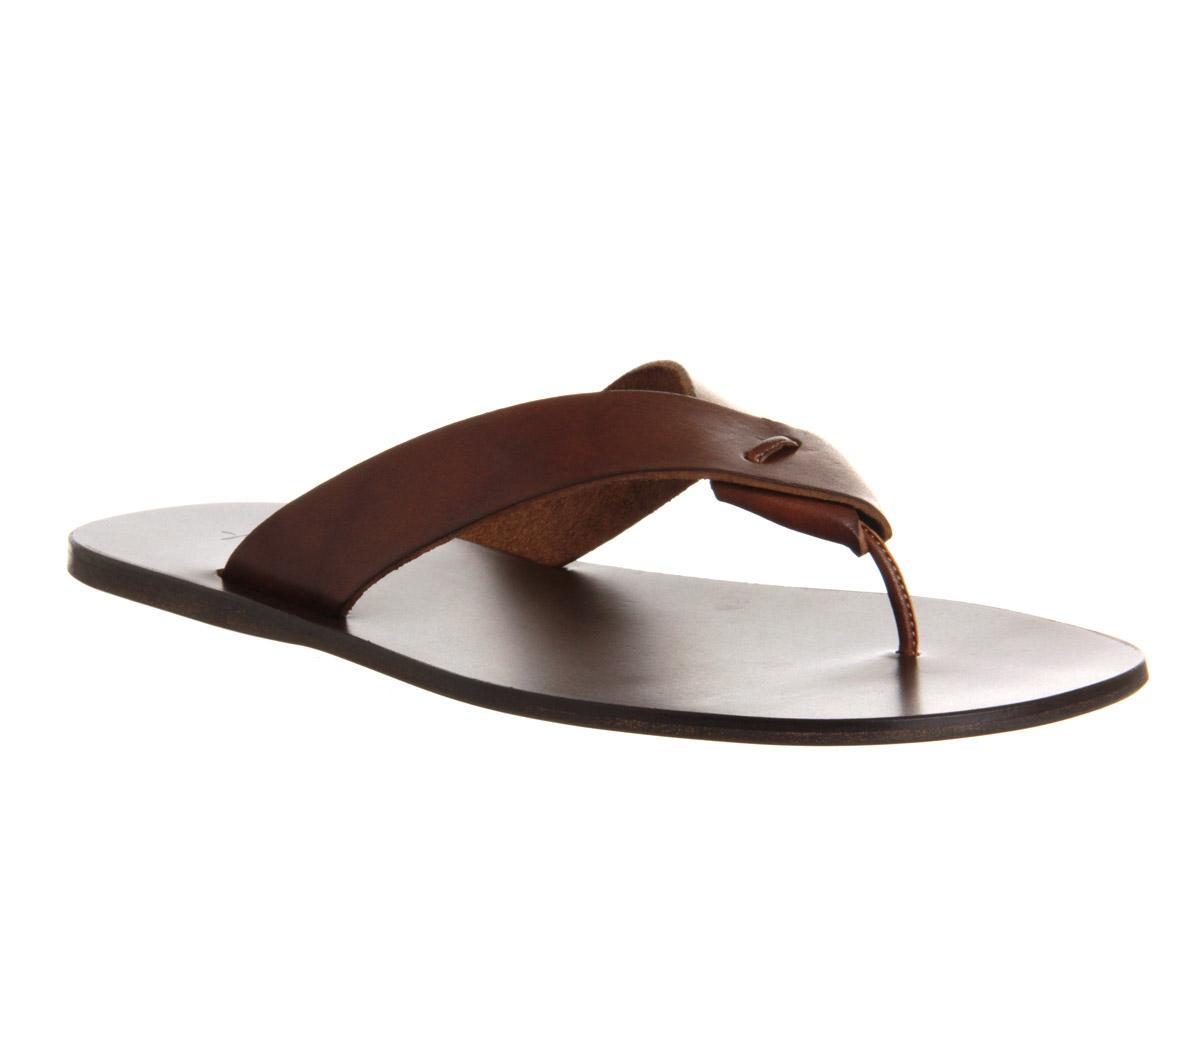 609cfd2faf0f Men s Thong Sandals